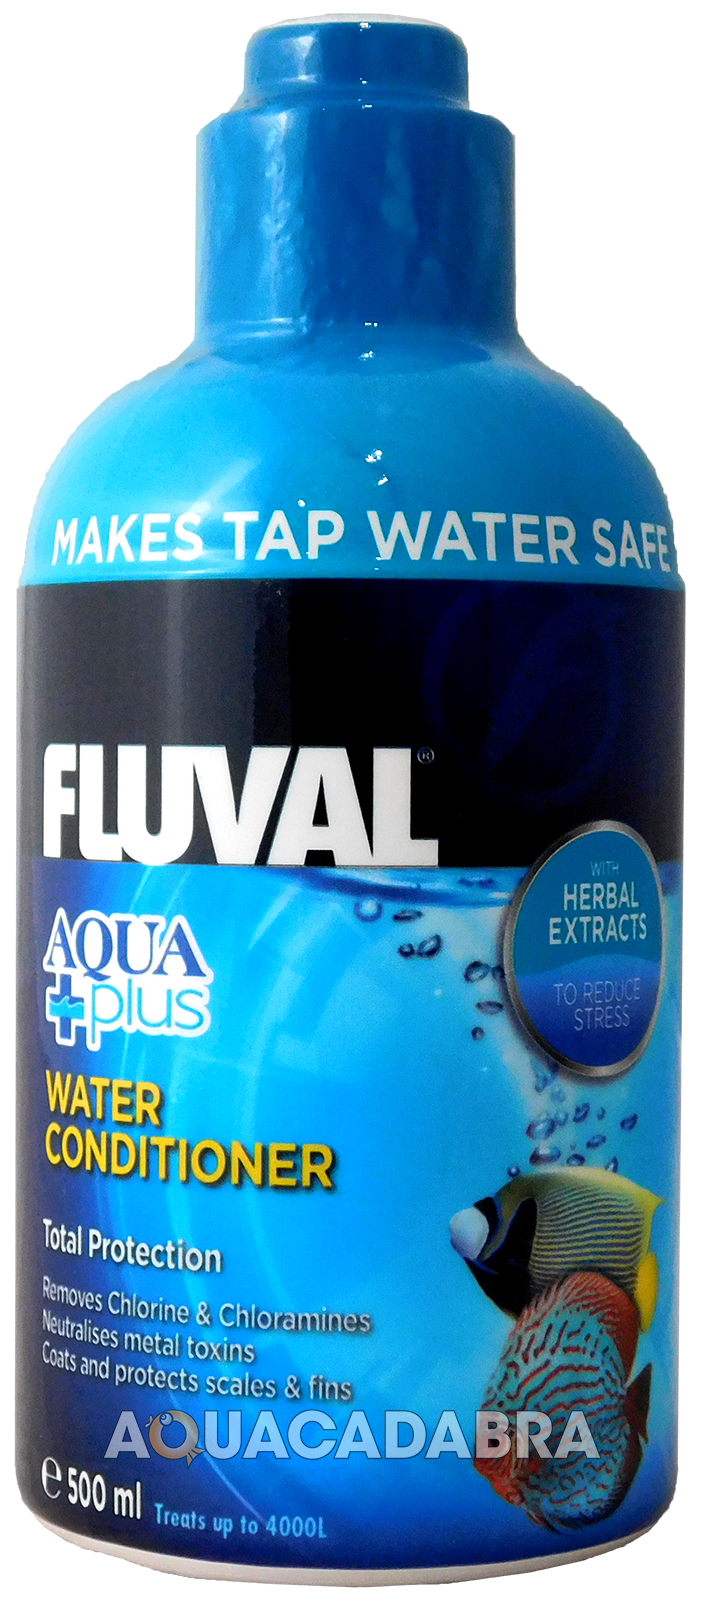 Fluval aqua plus water conditioner new fish tank tap safe for Fish tank water conditioner